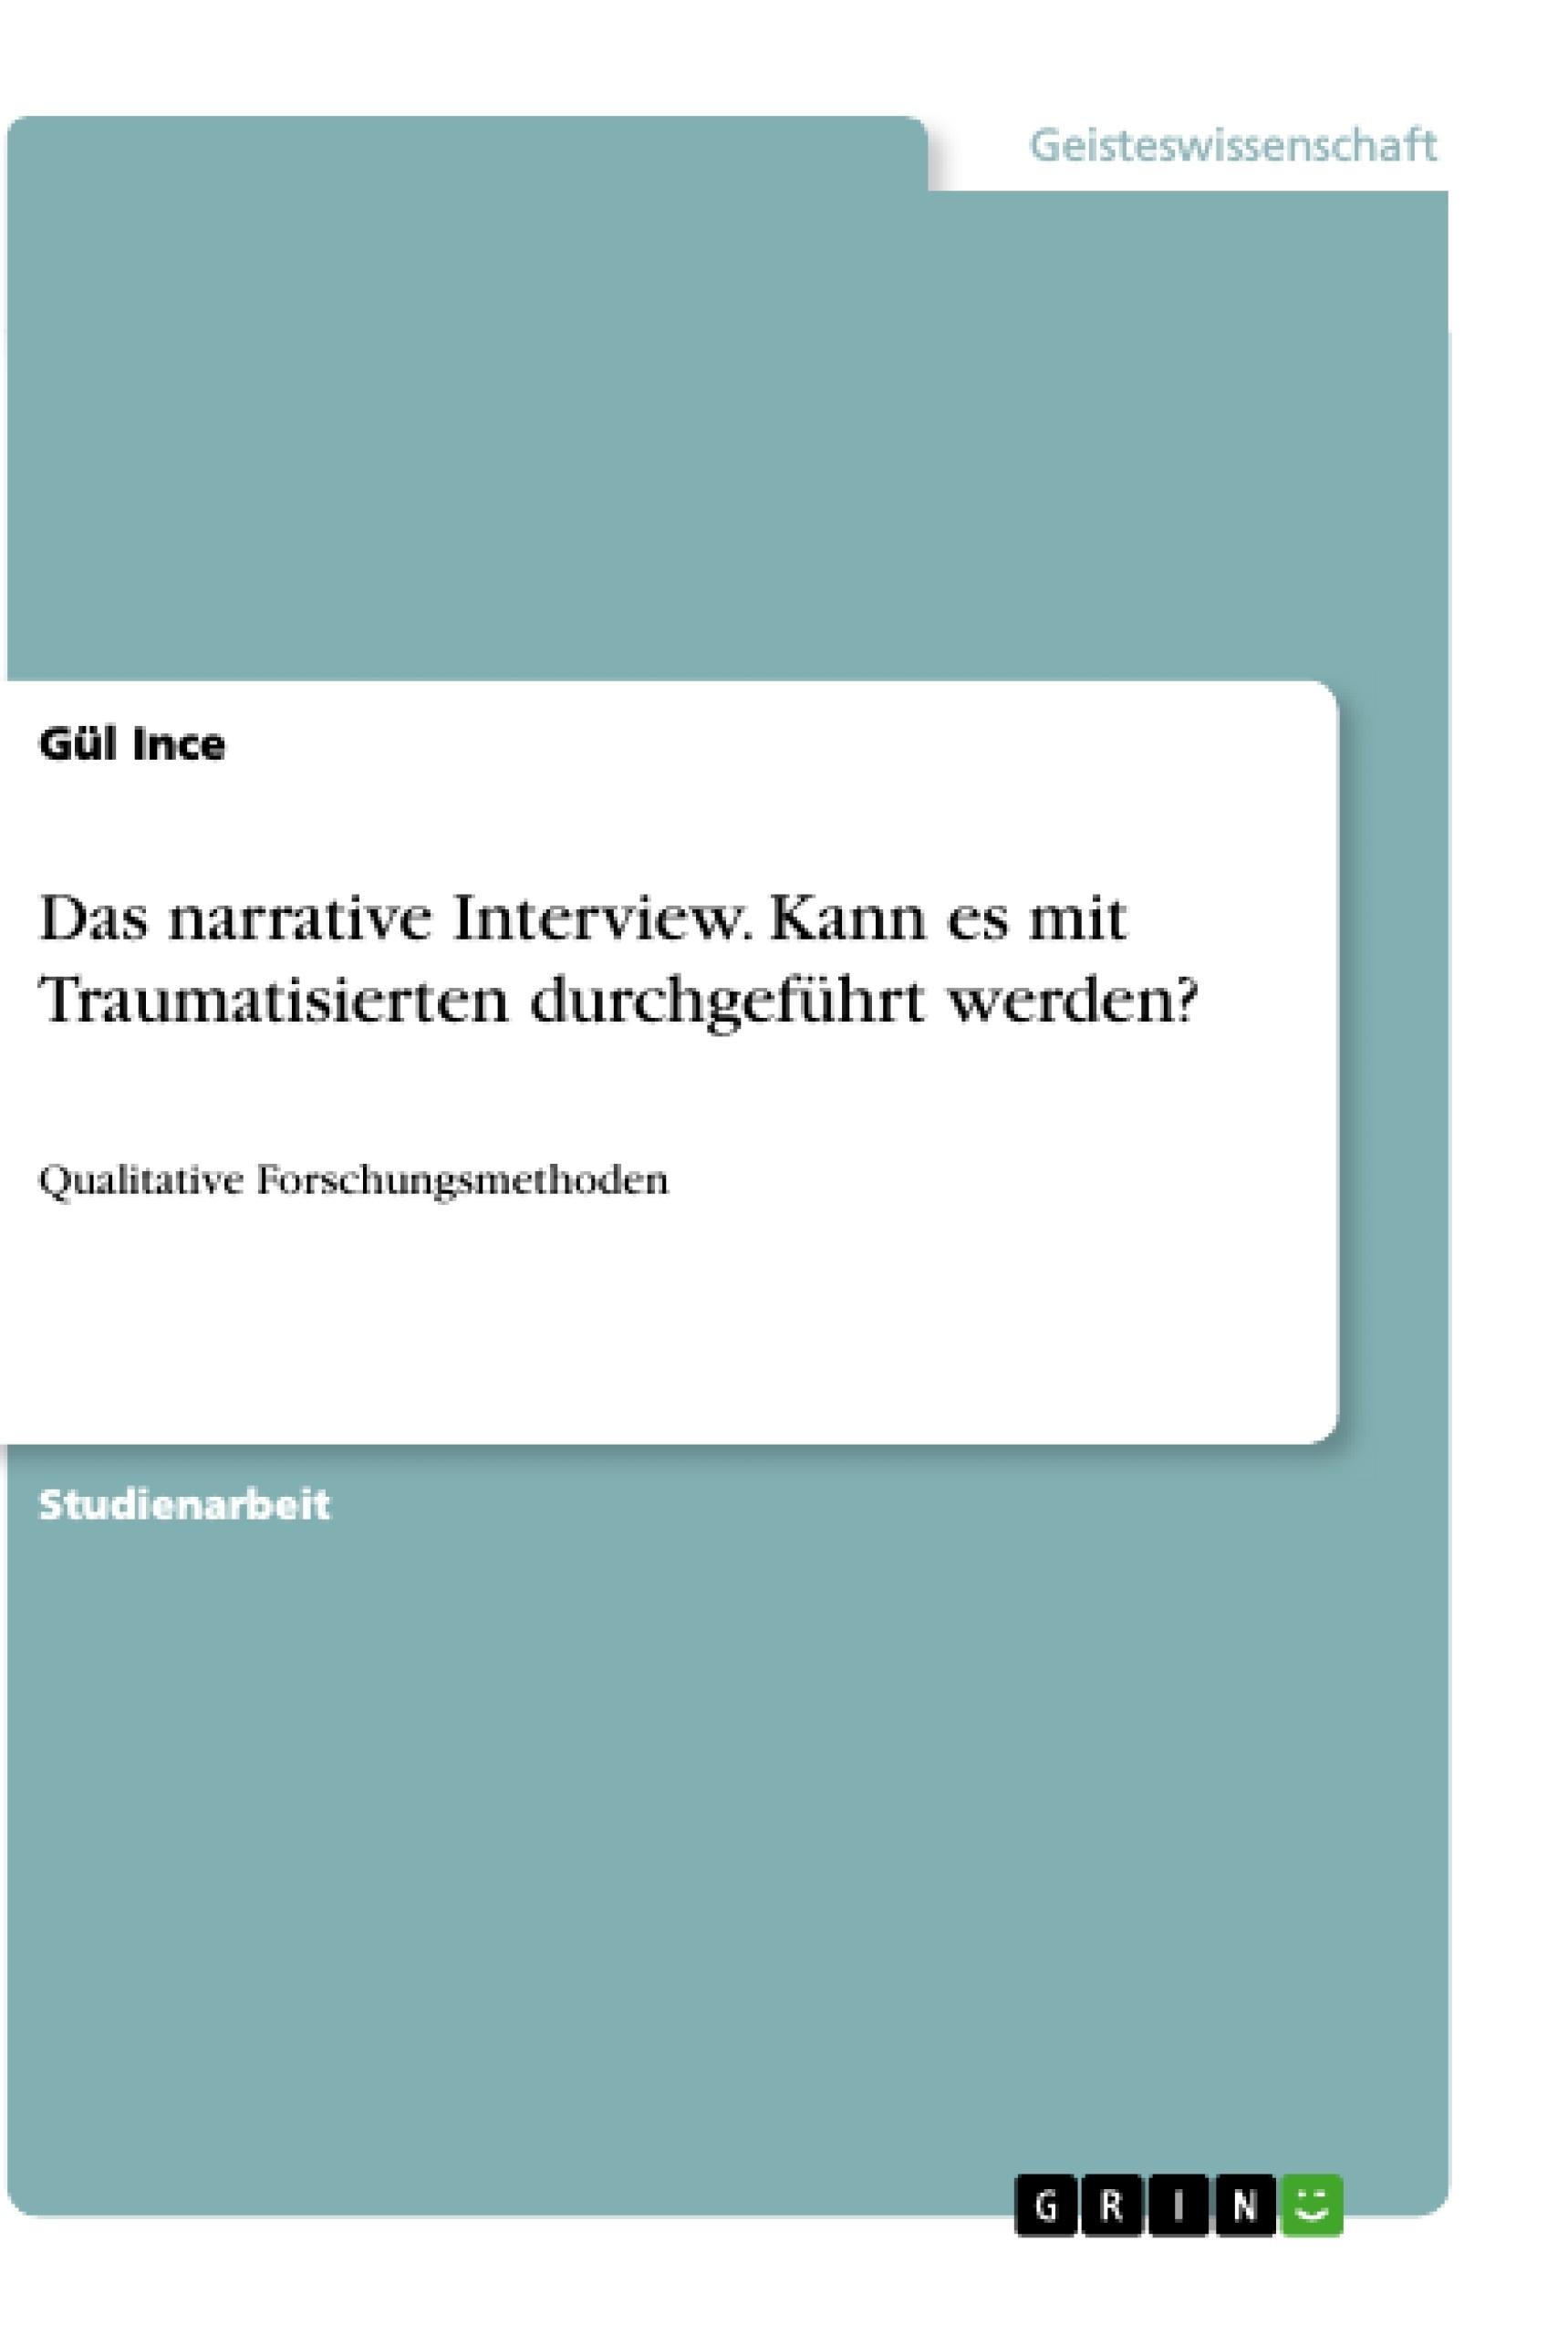 Titel: Das narrative Interview. Kann es mit Traumatisierten durchgeführt werden?